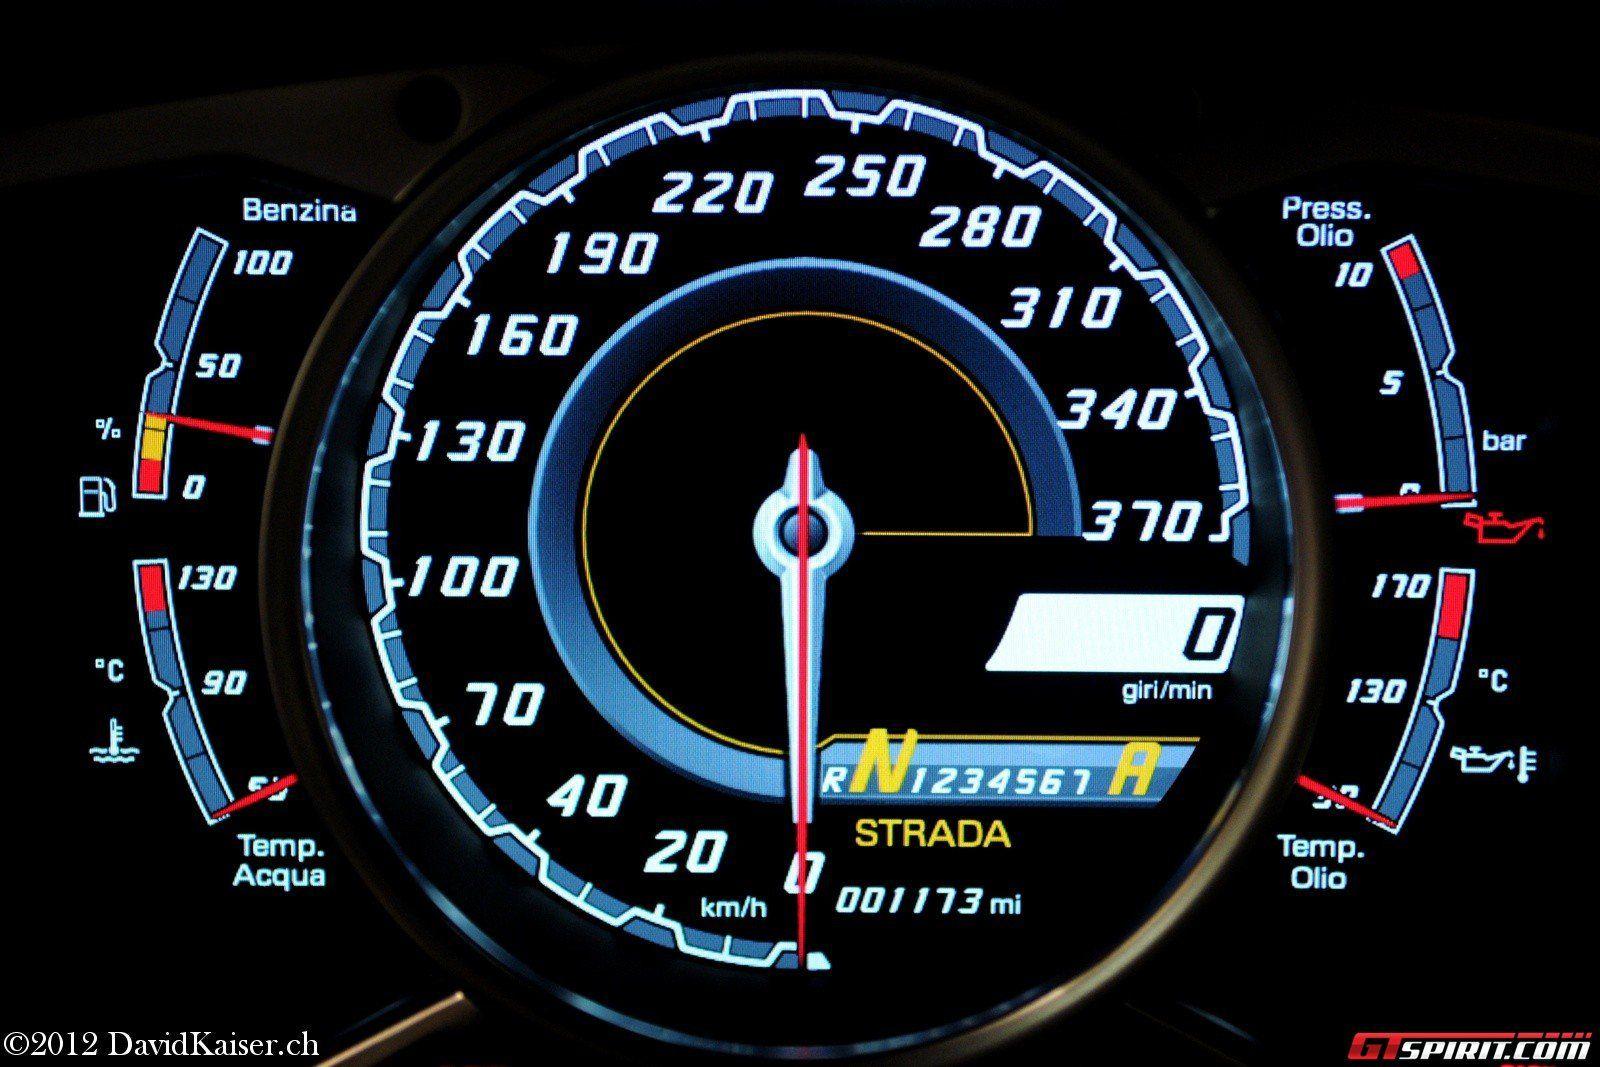 Batman S Lamborghini Aventador Lp700 4 At Auto Zurich Gtspirit Lamborghini Aventador Lp700 4 Lamborghini Lamborghini Aventador